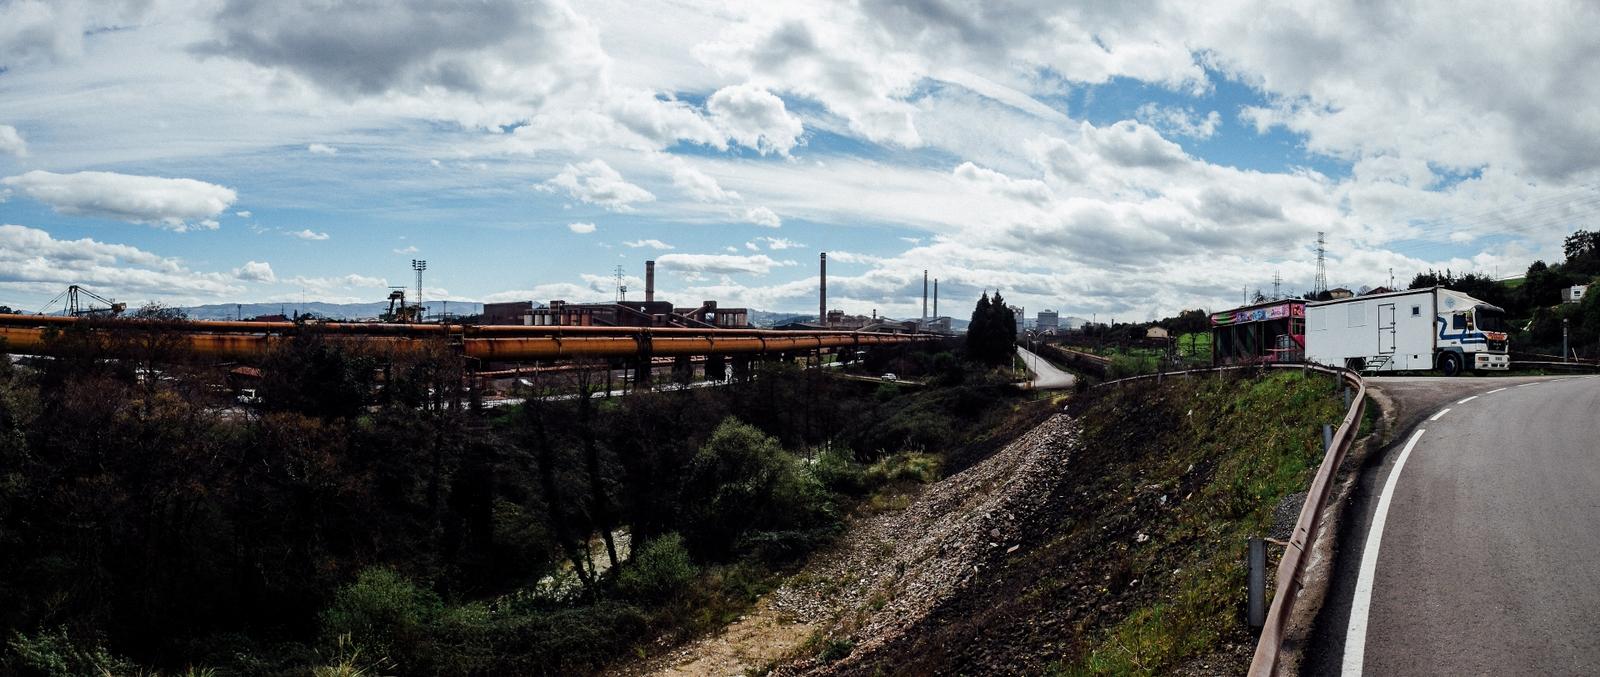 Jakobsweg - Camino del Norte (235)